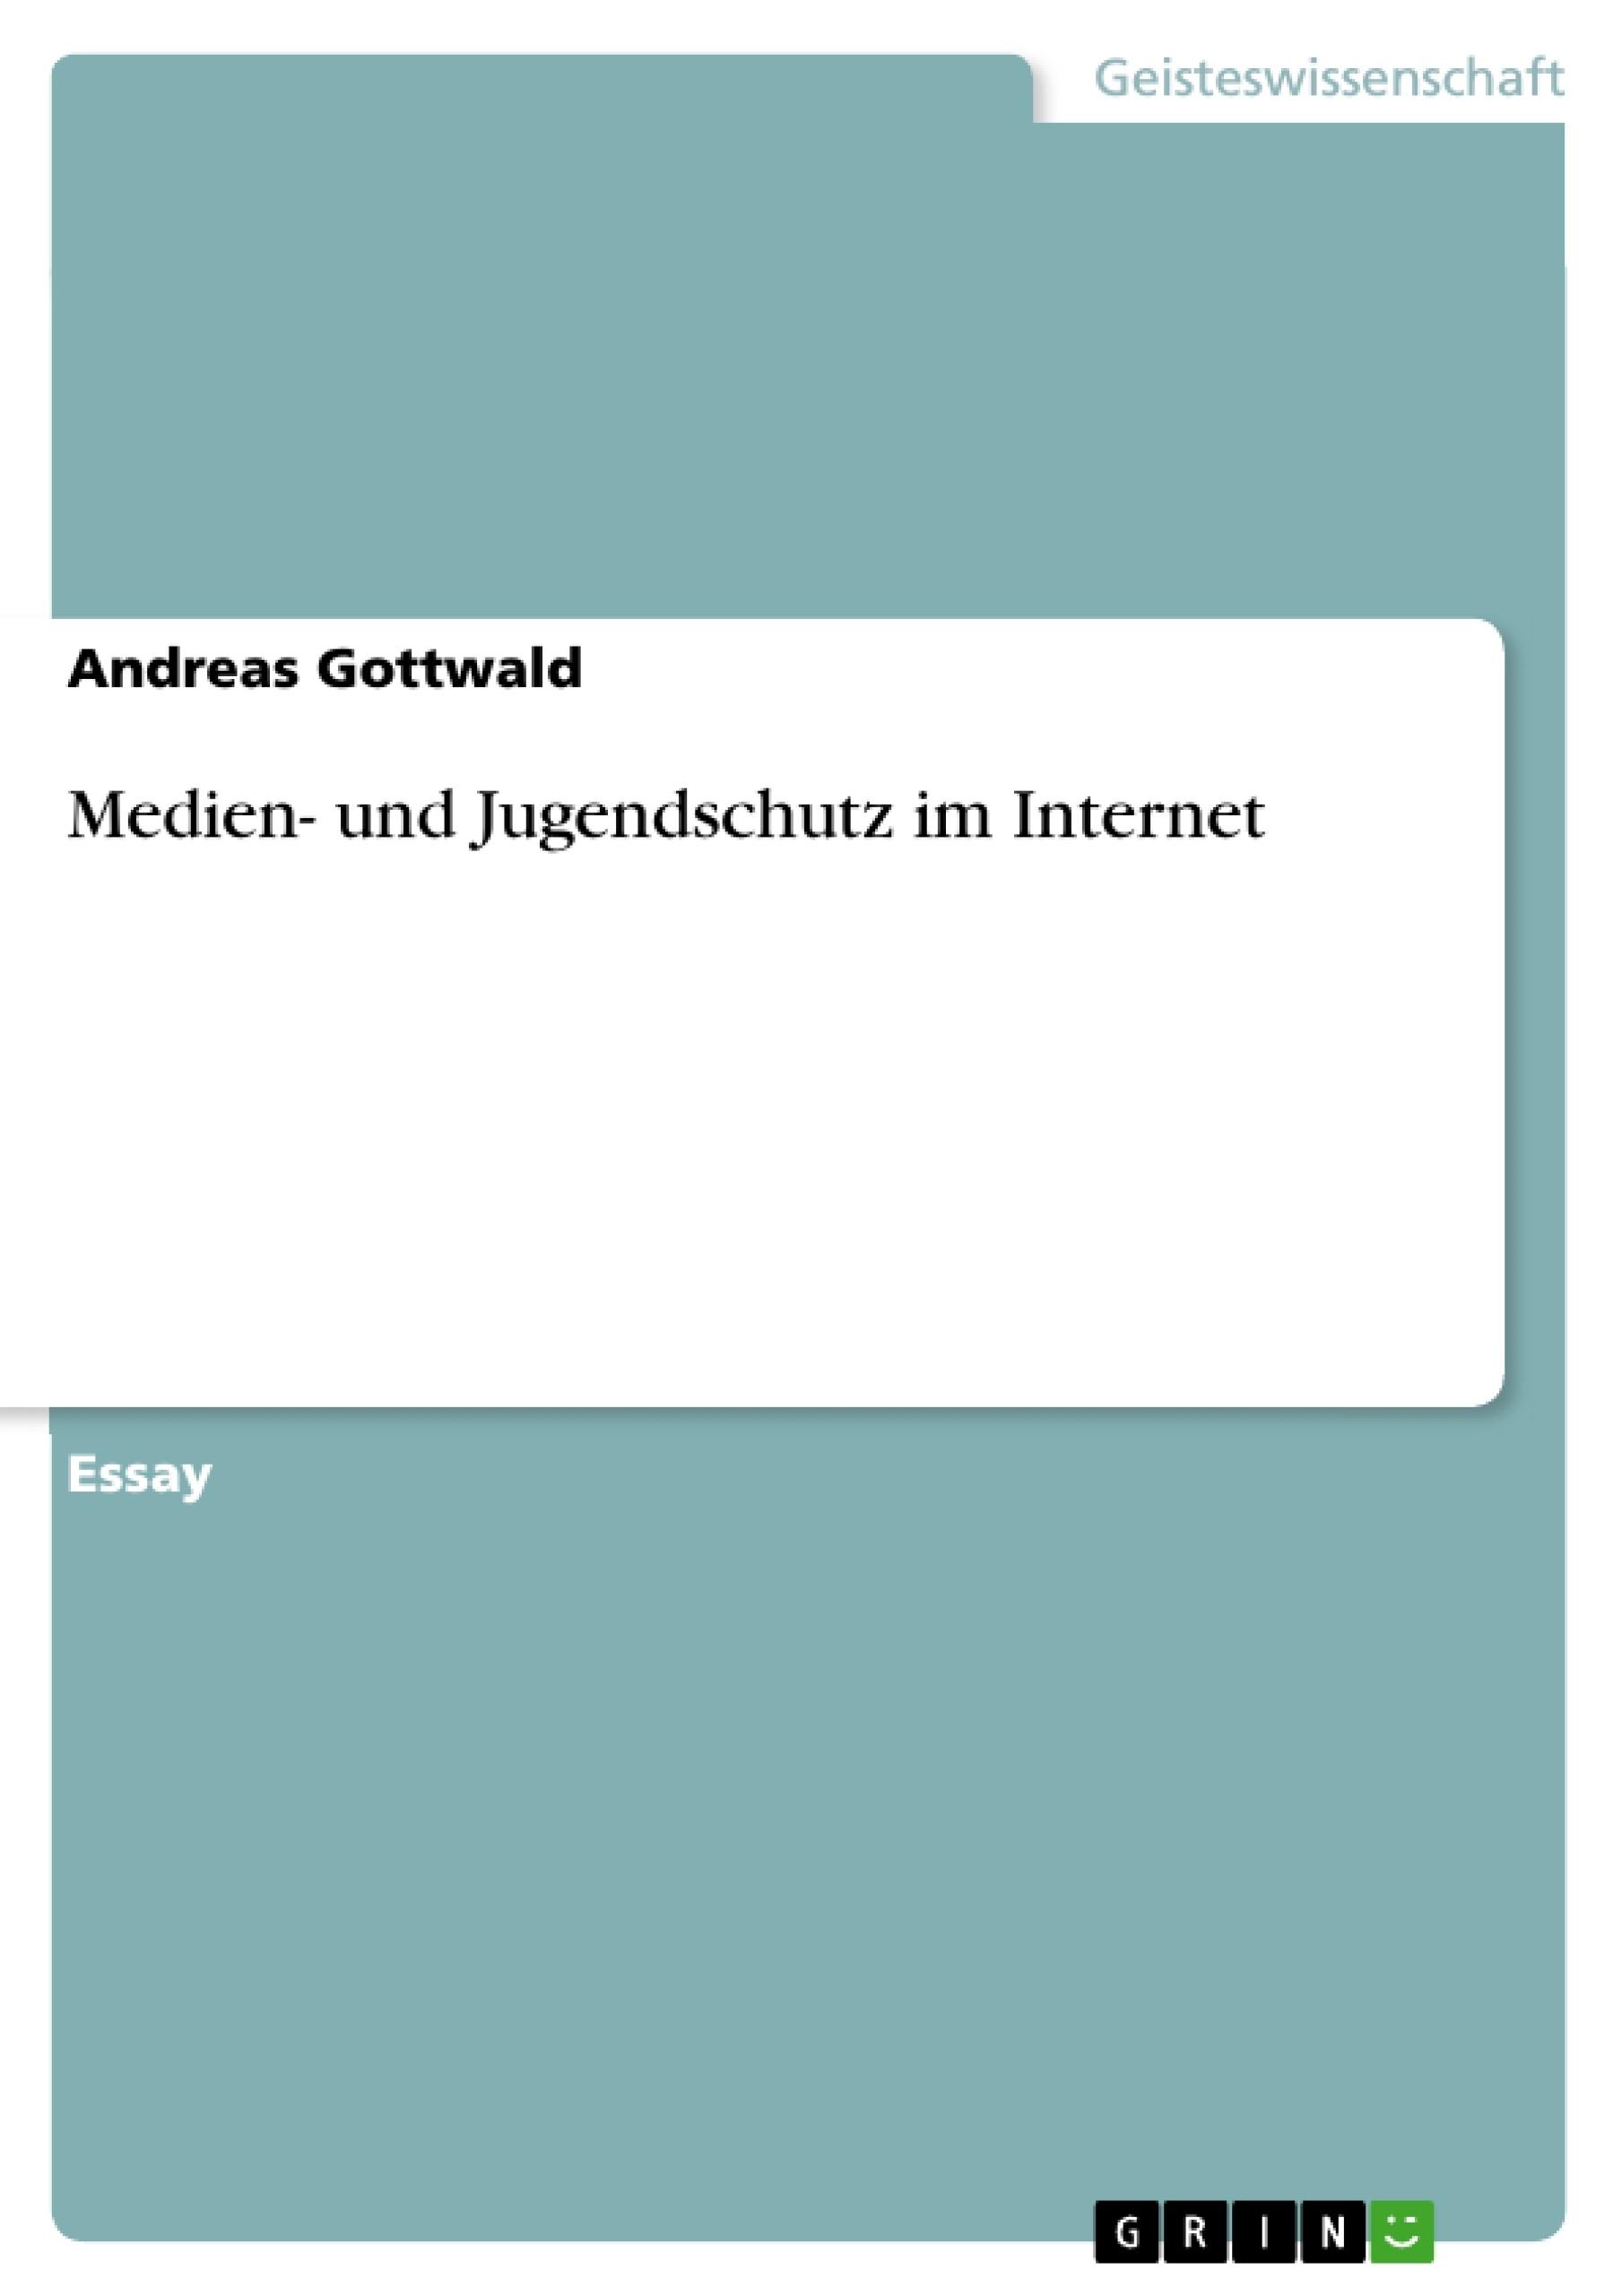 Titel: Medien- und Jugendschutz im Internet